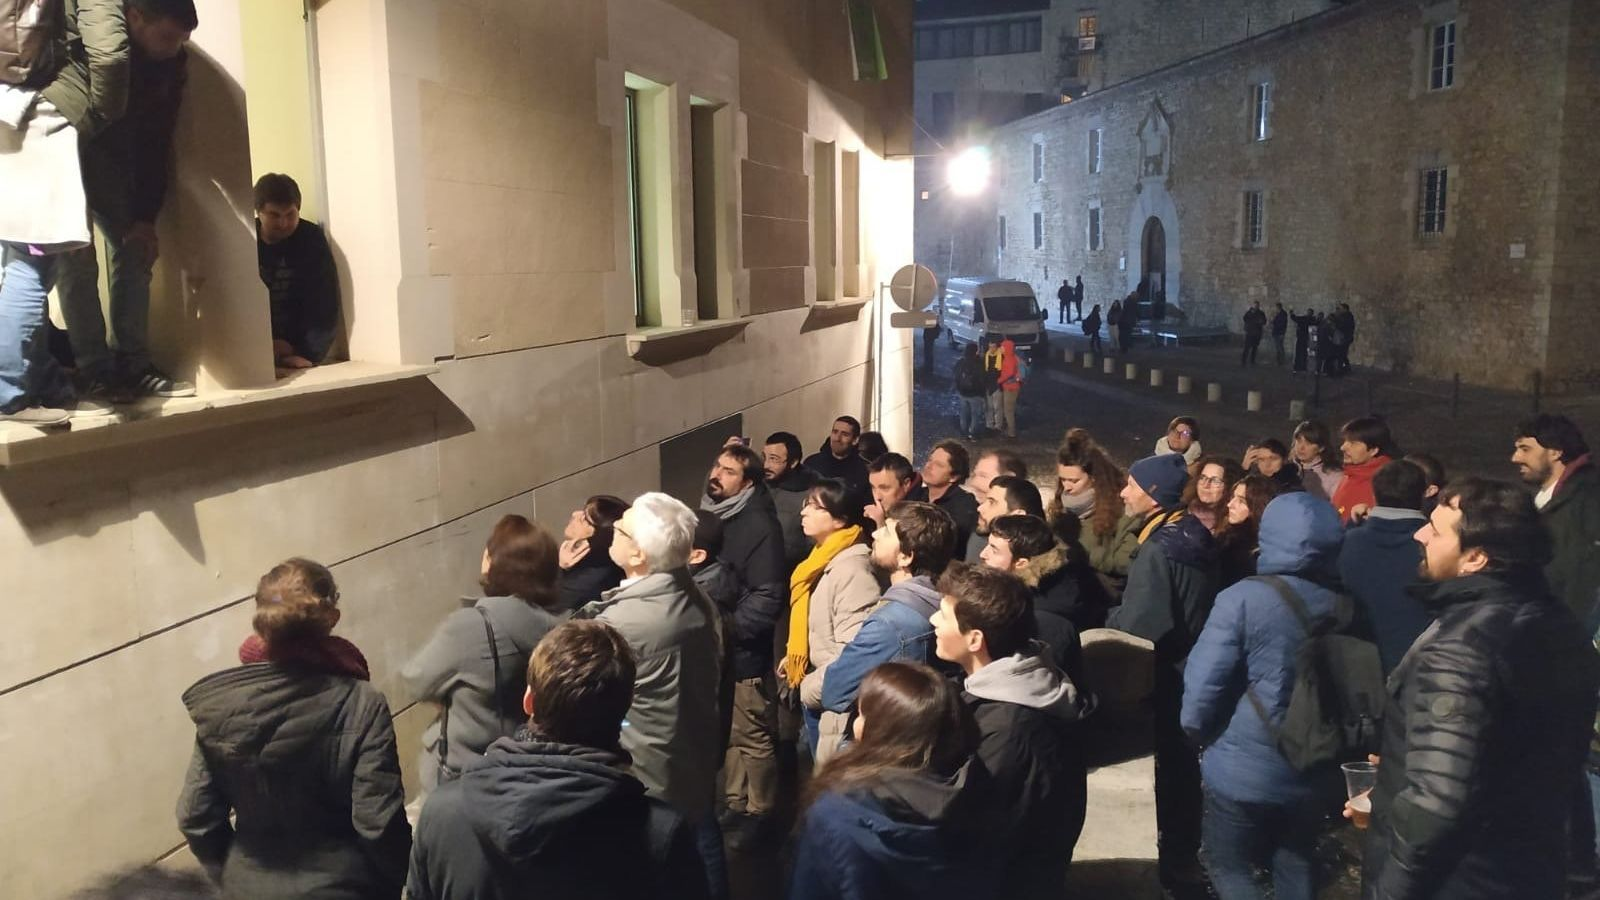 Una trentena de persones passen la nit a la Universitat de Girona per protestar contra les detencions